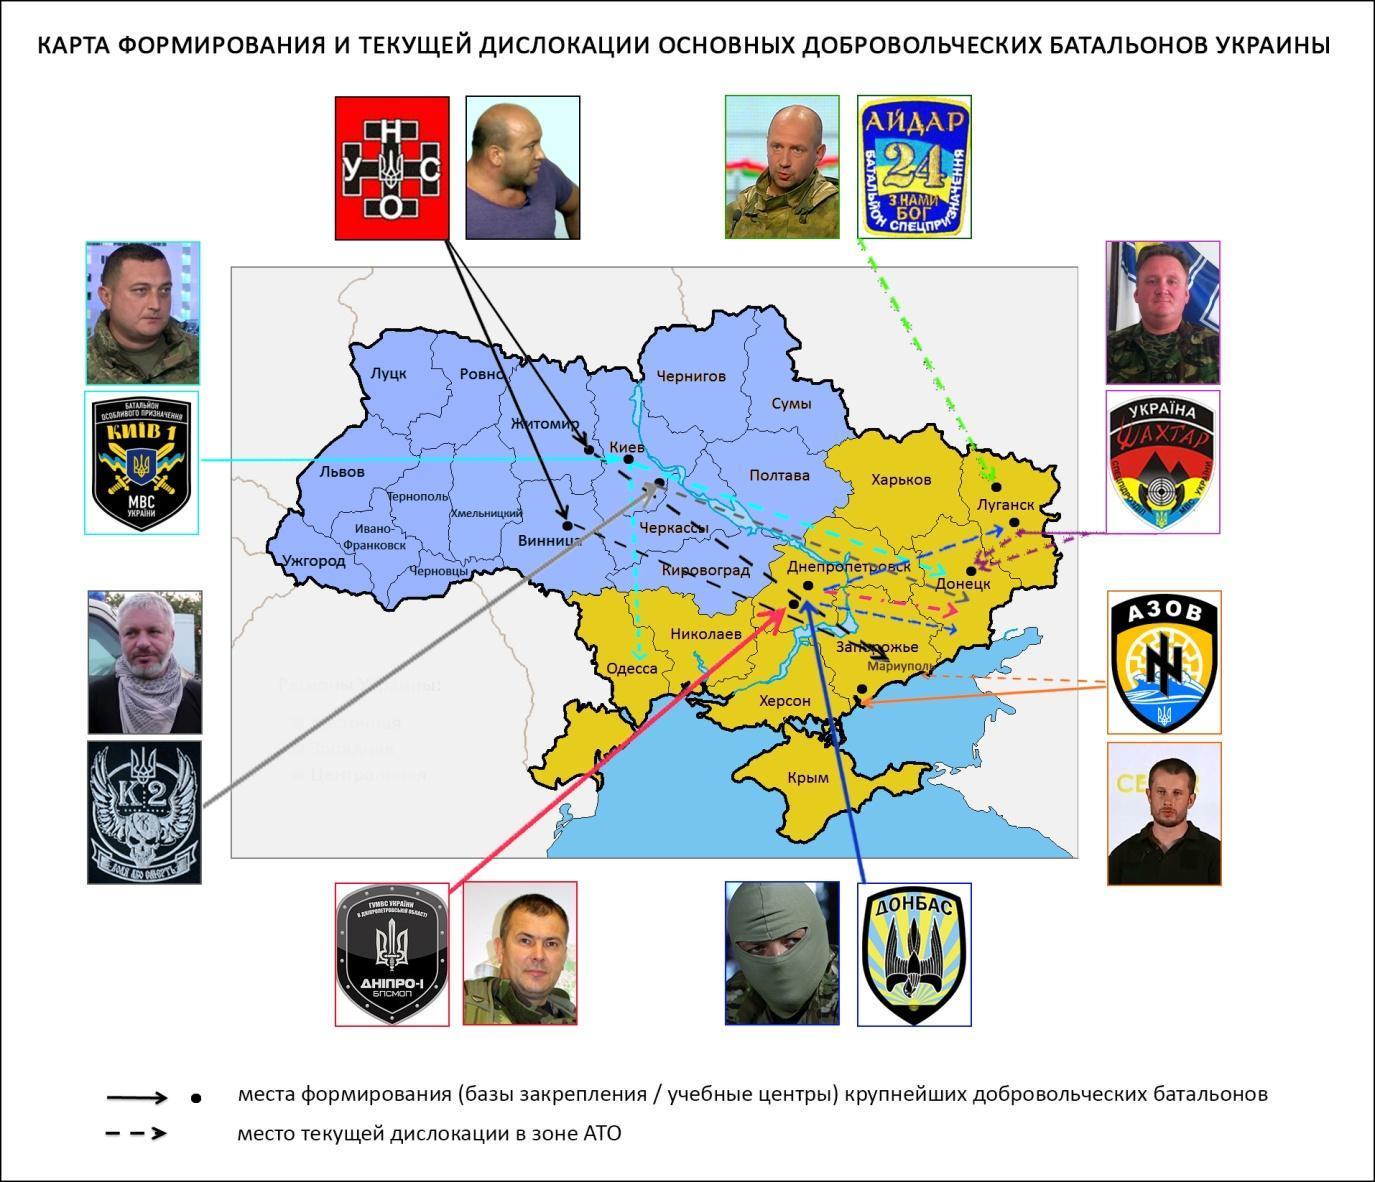 Инфографика украинского сайта MIGnews от сентября 2014 года: карта формирования (базы закрепления / учебные центры) и текущей дислокации в зоне АТО и таблица данных некоторых избранных добровольческих батальонов Украины